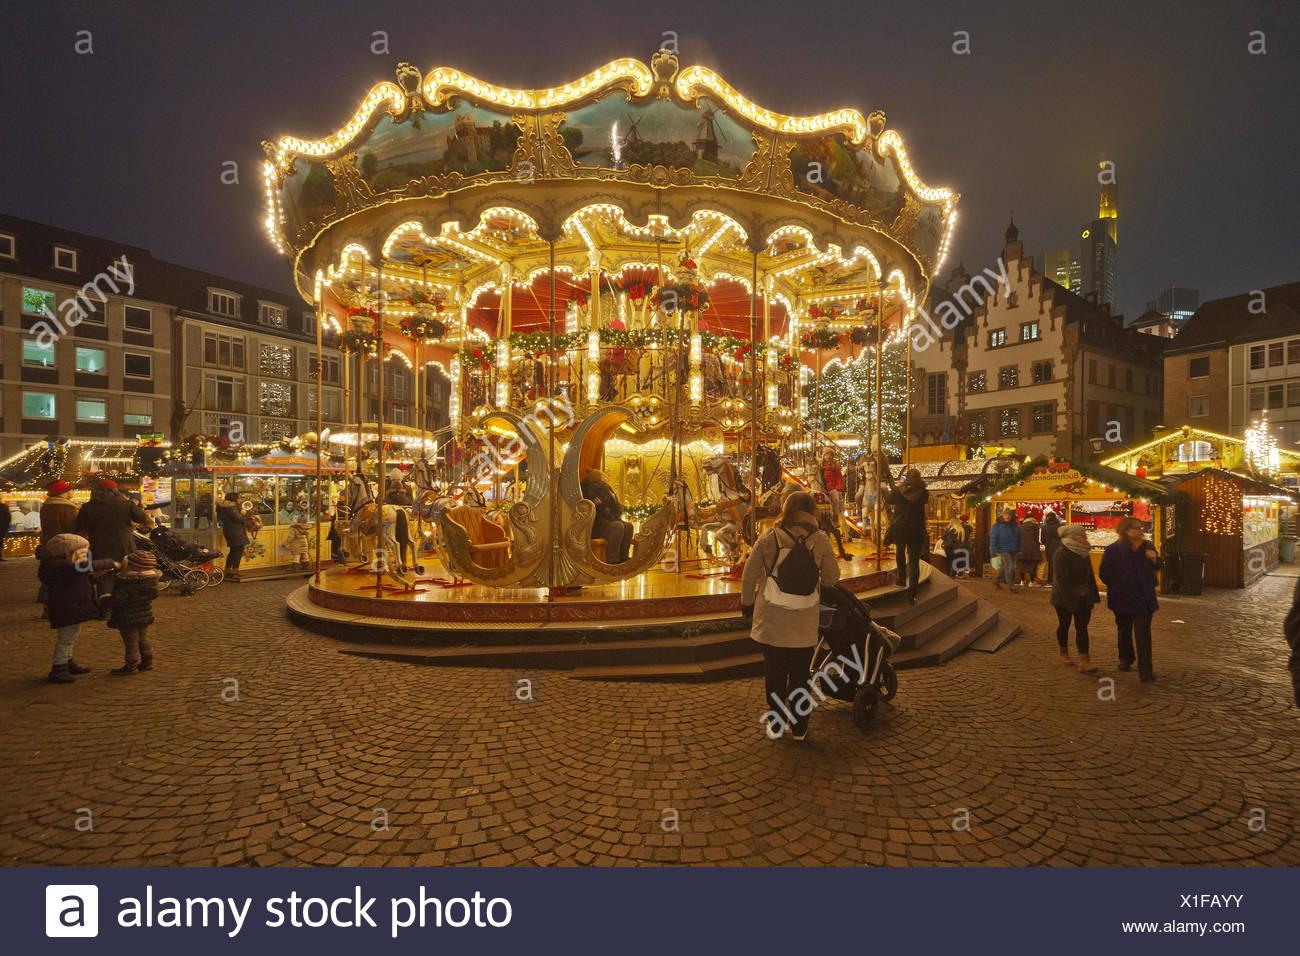 Weihnachtsmarkt Frankfurt Main.Weihnachtsmarkt Christmas Market Frankfurt Germany Stock Photos